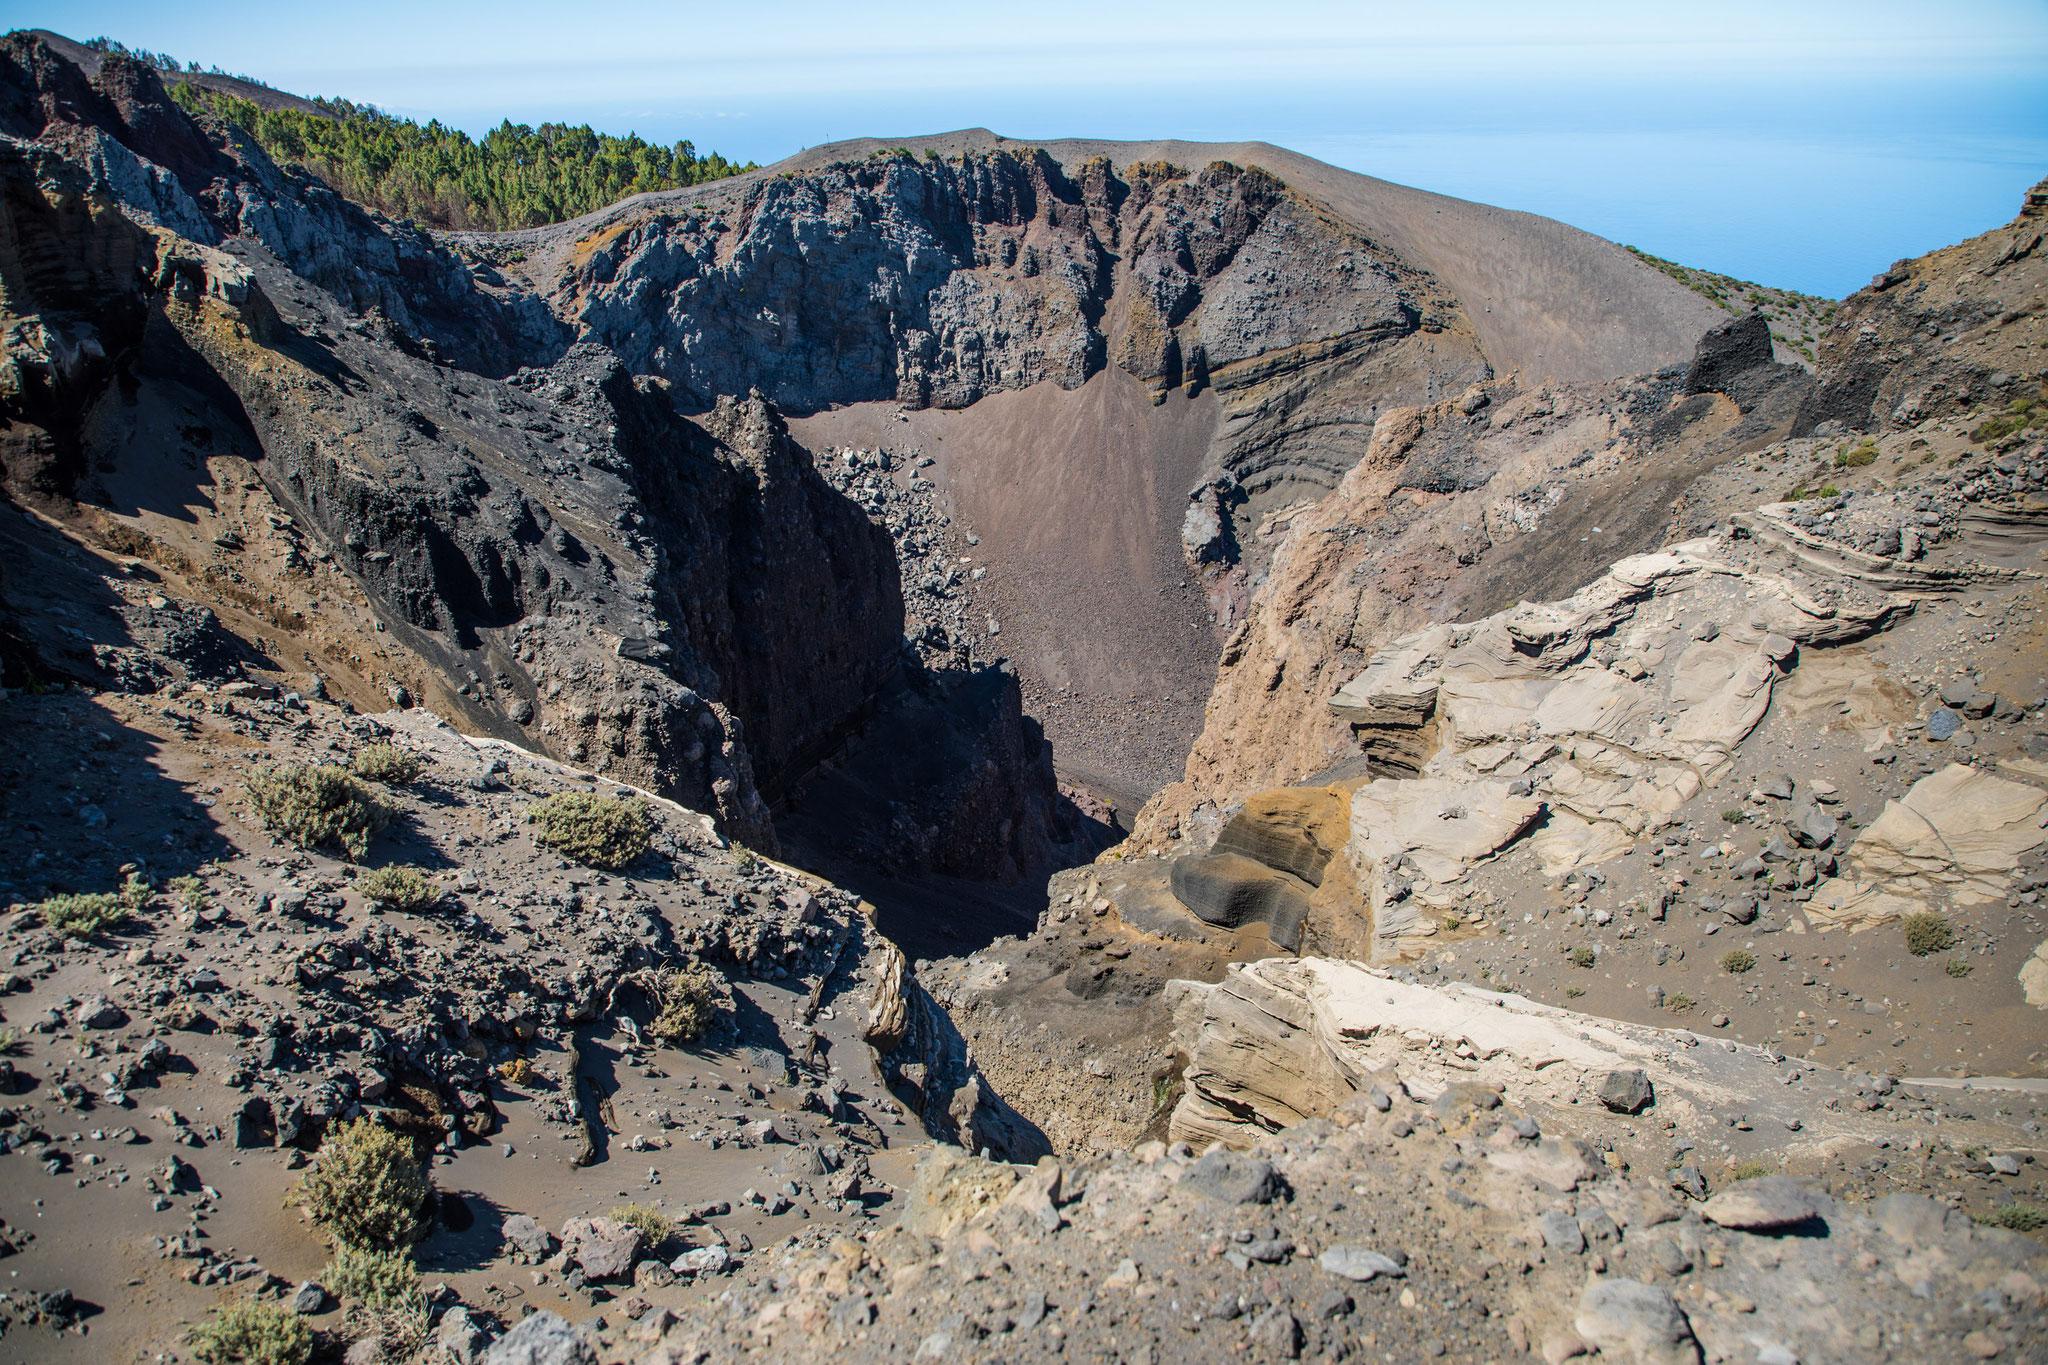 Cumbre Vieja - Wanderung von Vulkan zu Vulkan (von El Pilar nach Fuencaliente)